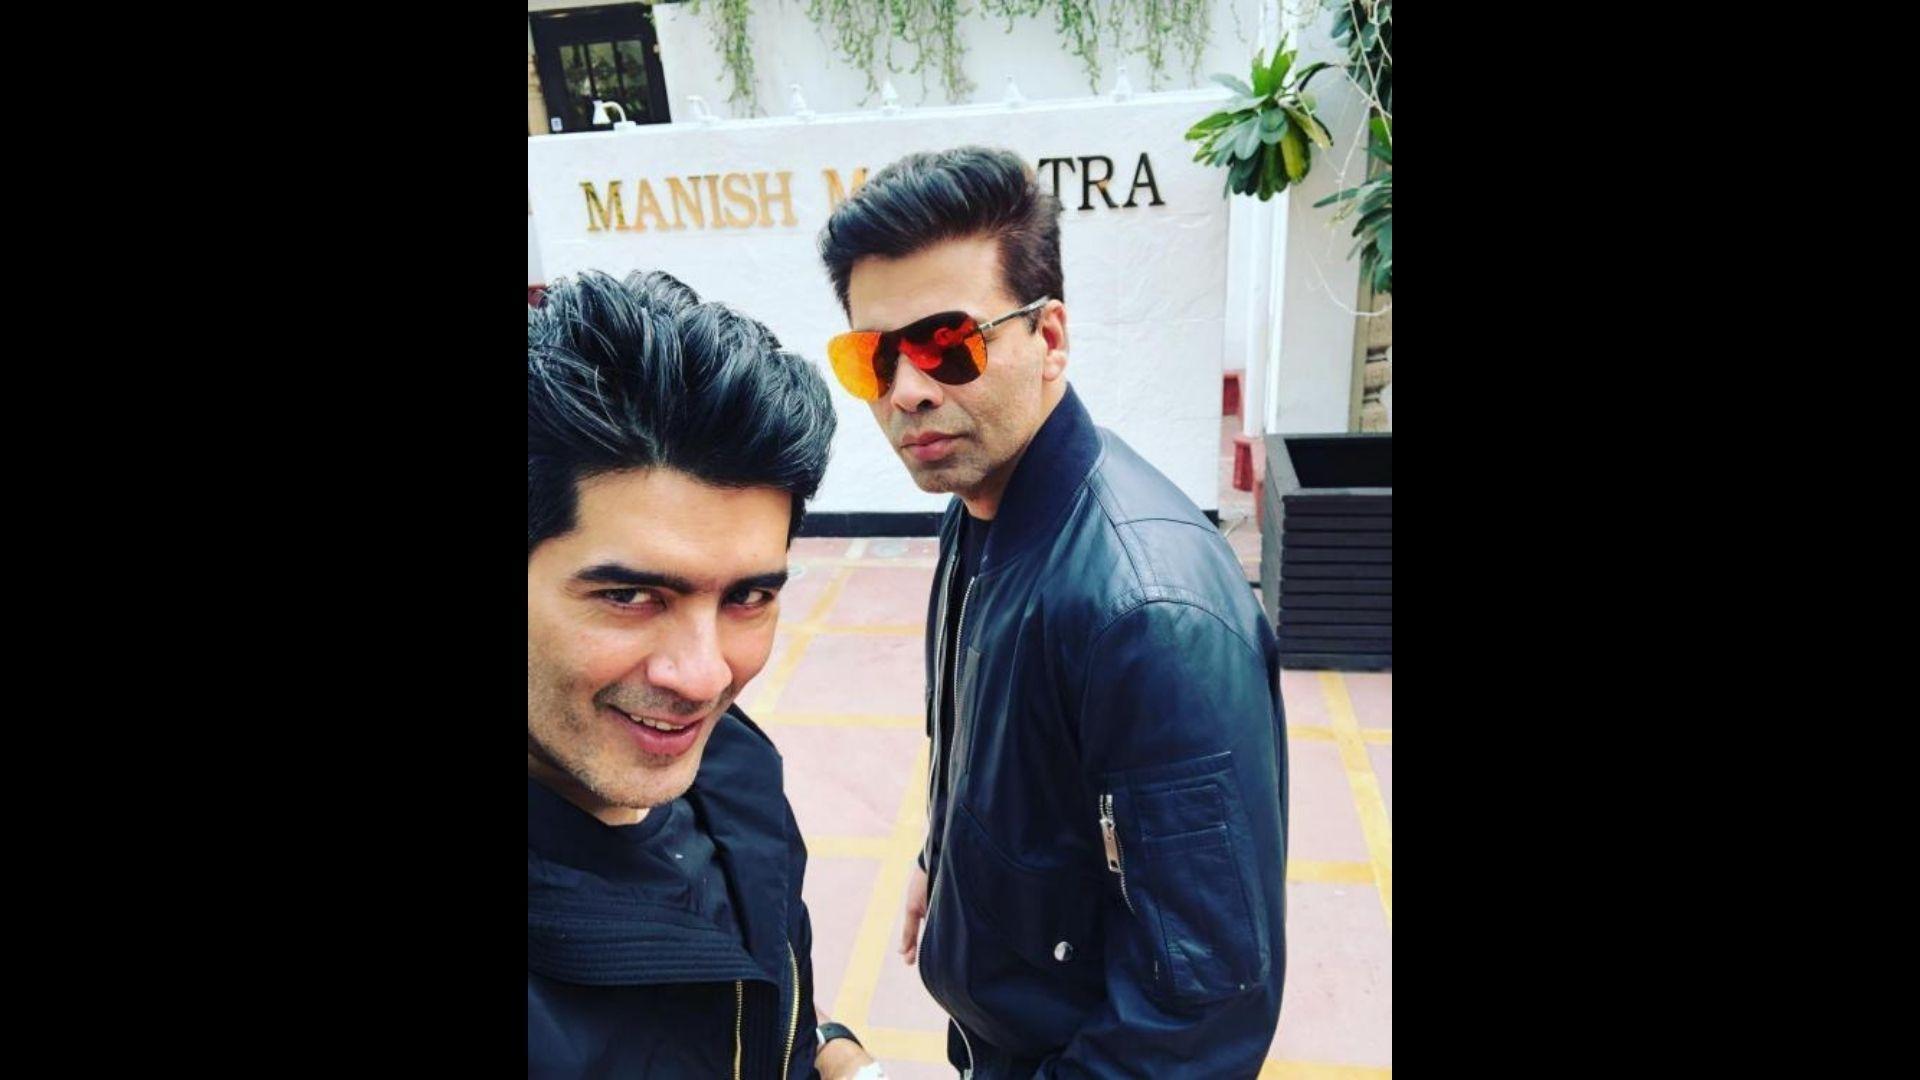 Shah Rukh Khan's Son Aryan Khan Arrest: Karan Johar And Manish Malhotra Rush Back To Mumbai After Star Kid's NCB Custody Extended